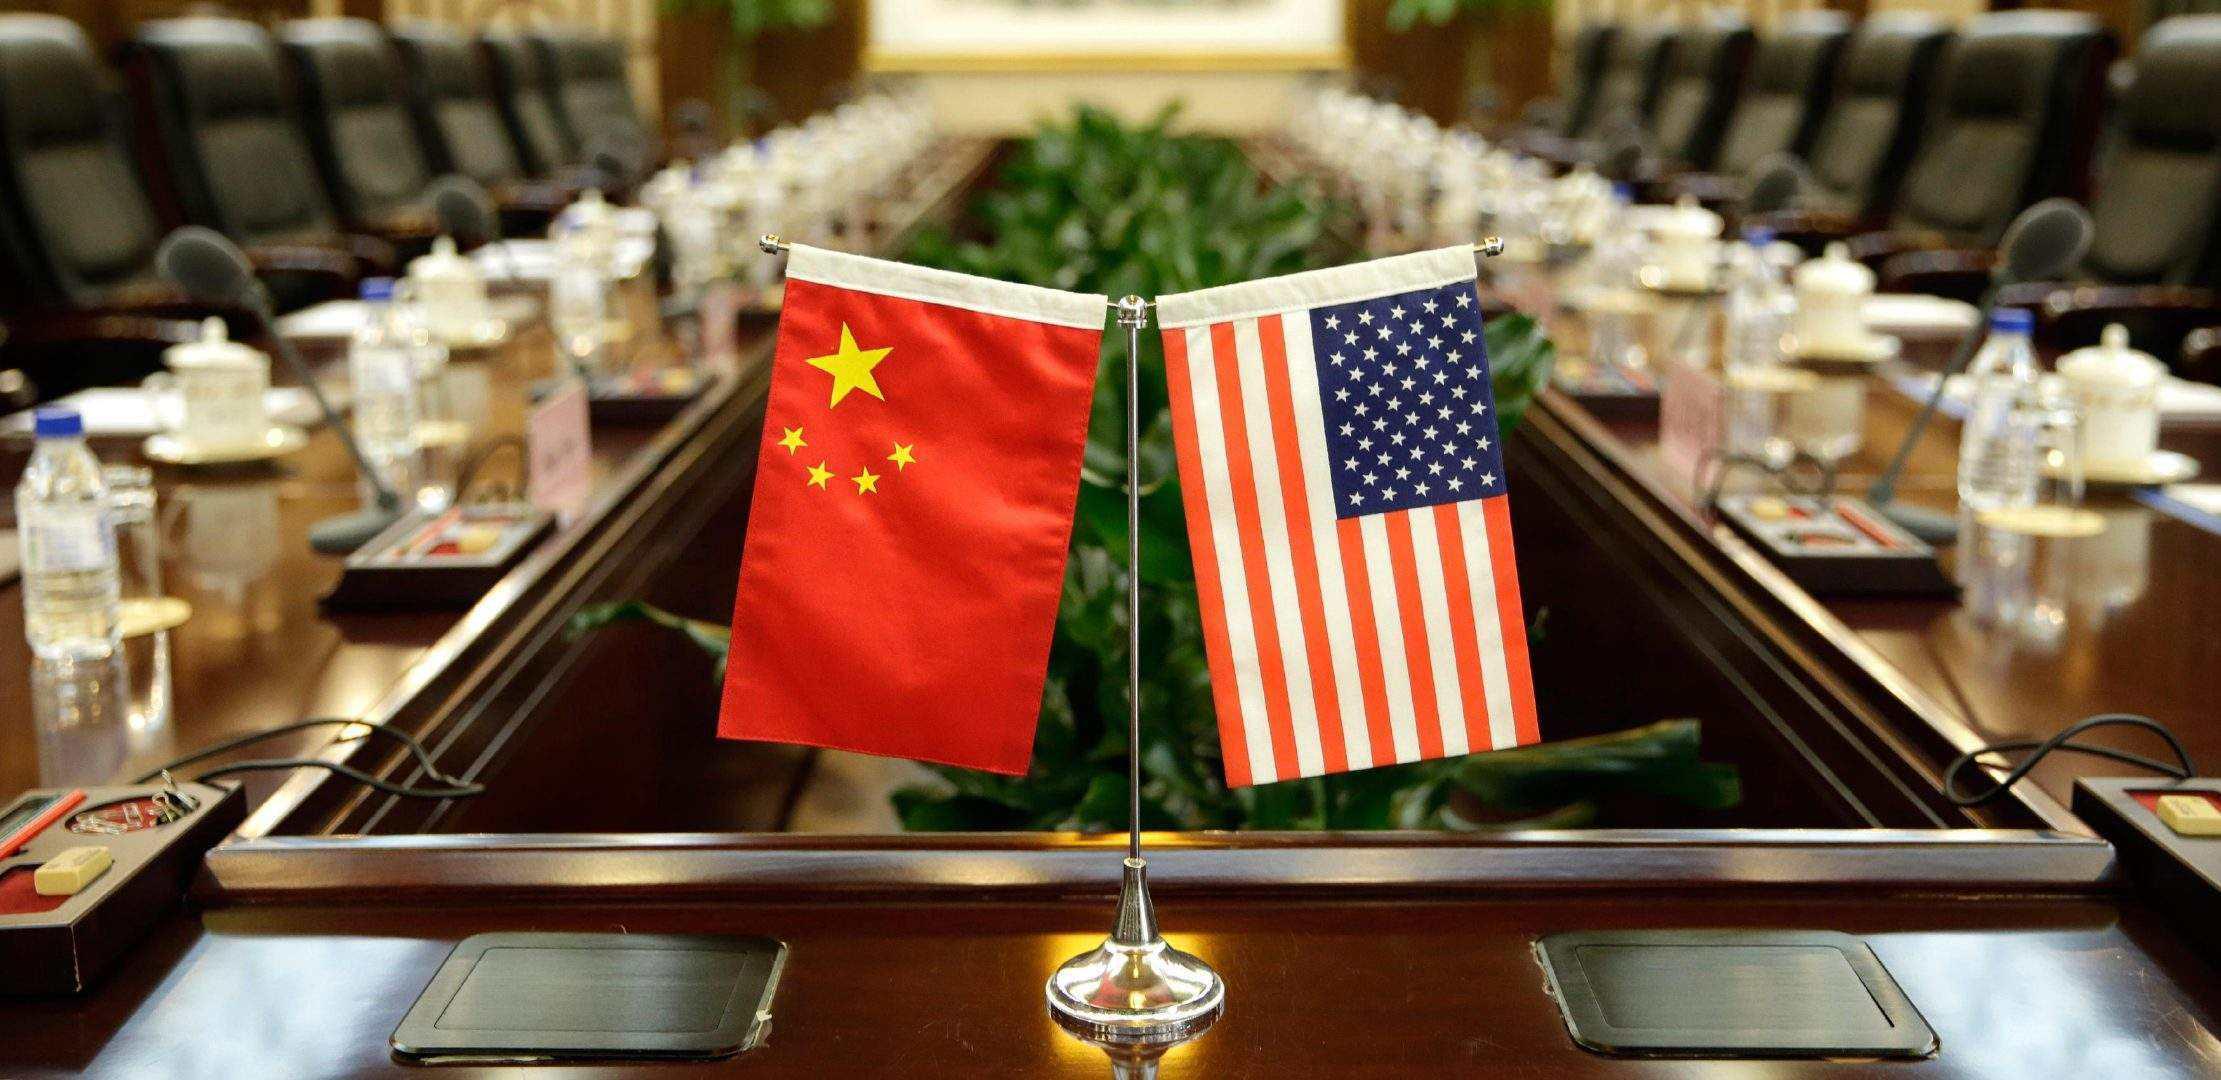 特朗普上台四年专注于打压中国,效果如何?美媒:未见过美国如此惨败